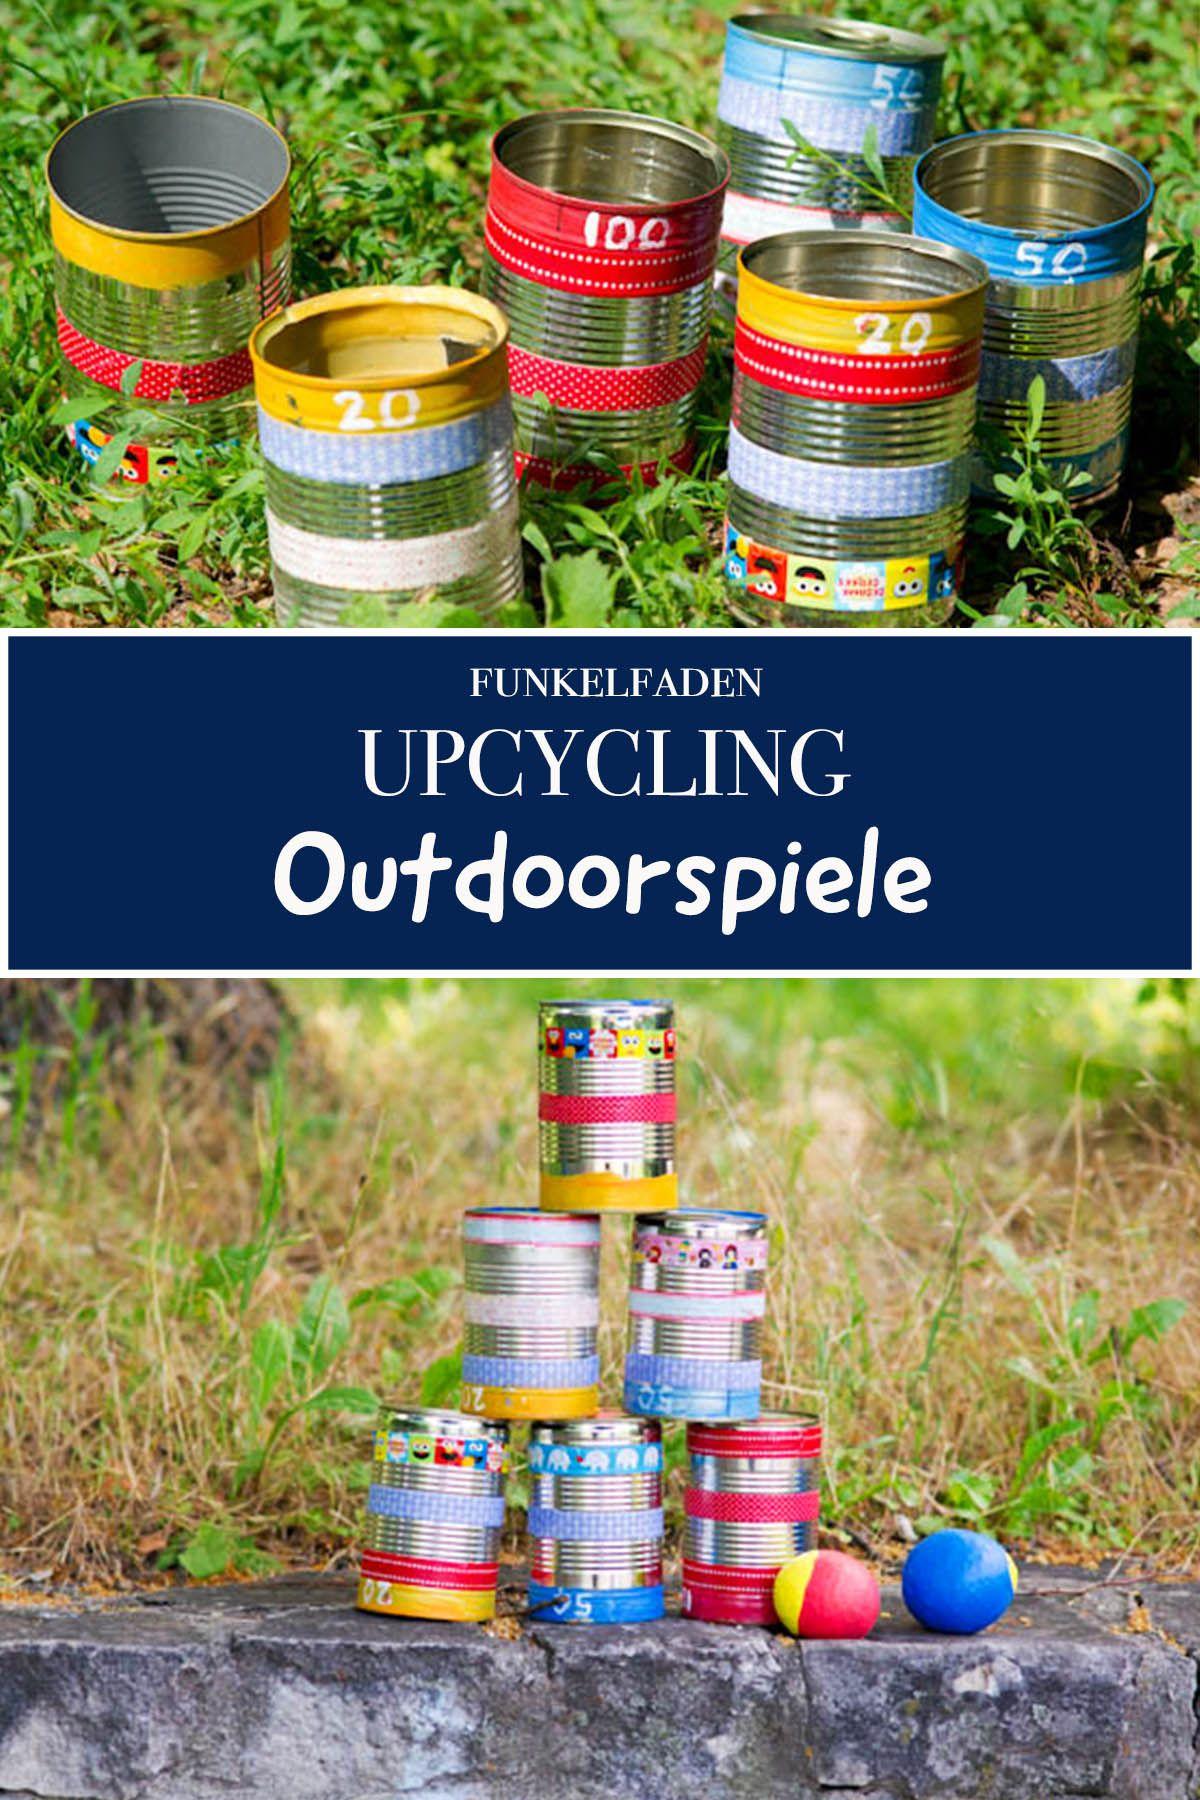 Upcycling Ideen Für Outdoorspiele Gartenspiele Aus Dosen Basteln Gartenspiele Spiele Selber Basteln Basteln Spiele